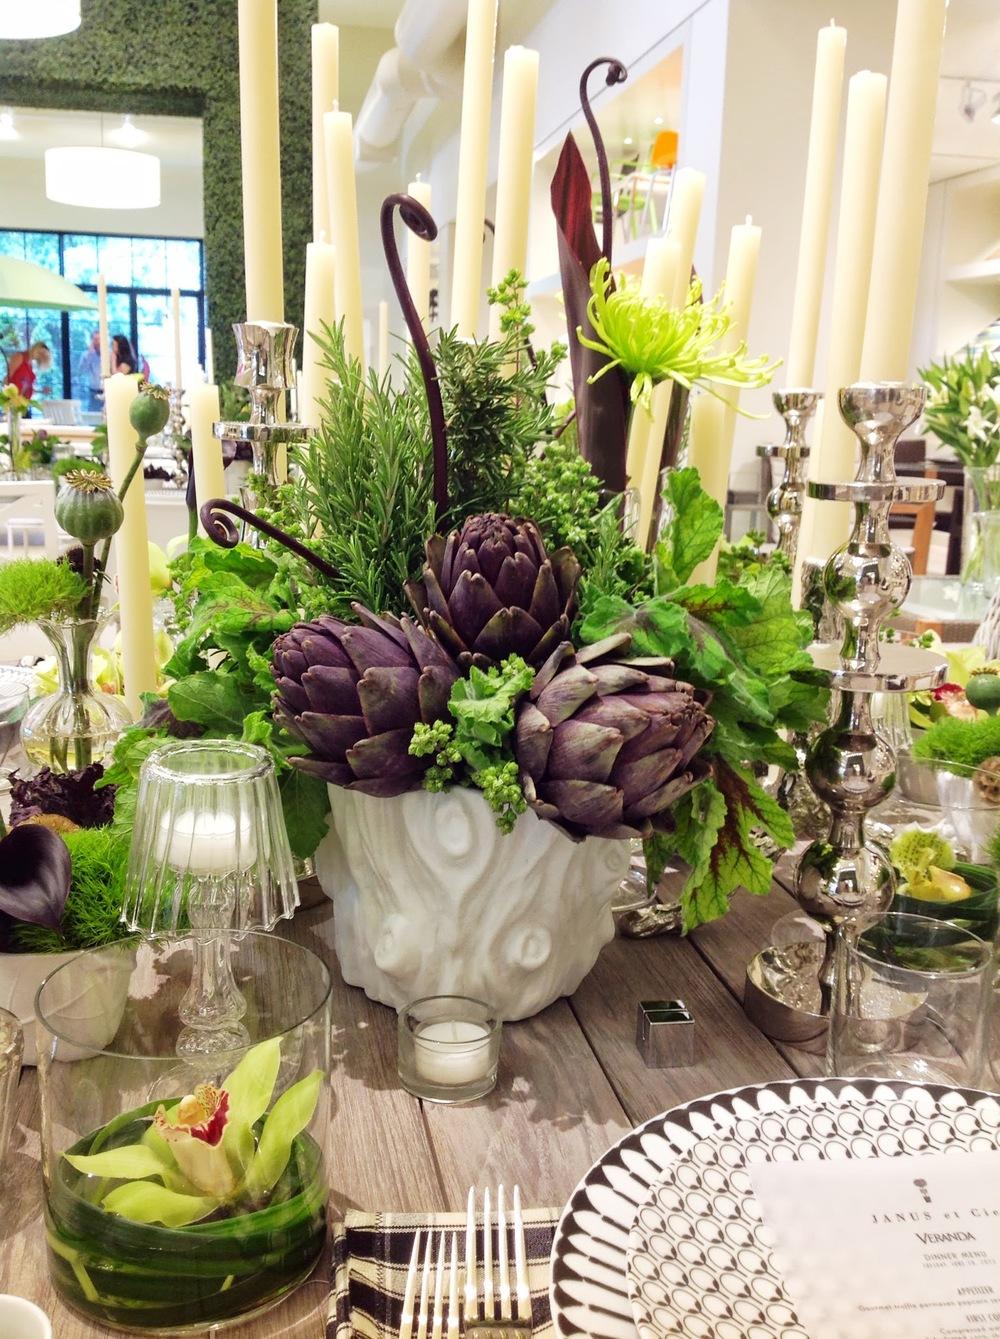 Launch Party- JANUS et Cie Artichoke Centerpiece by Maxit Flower Design in Houston, Texas